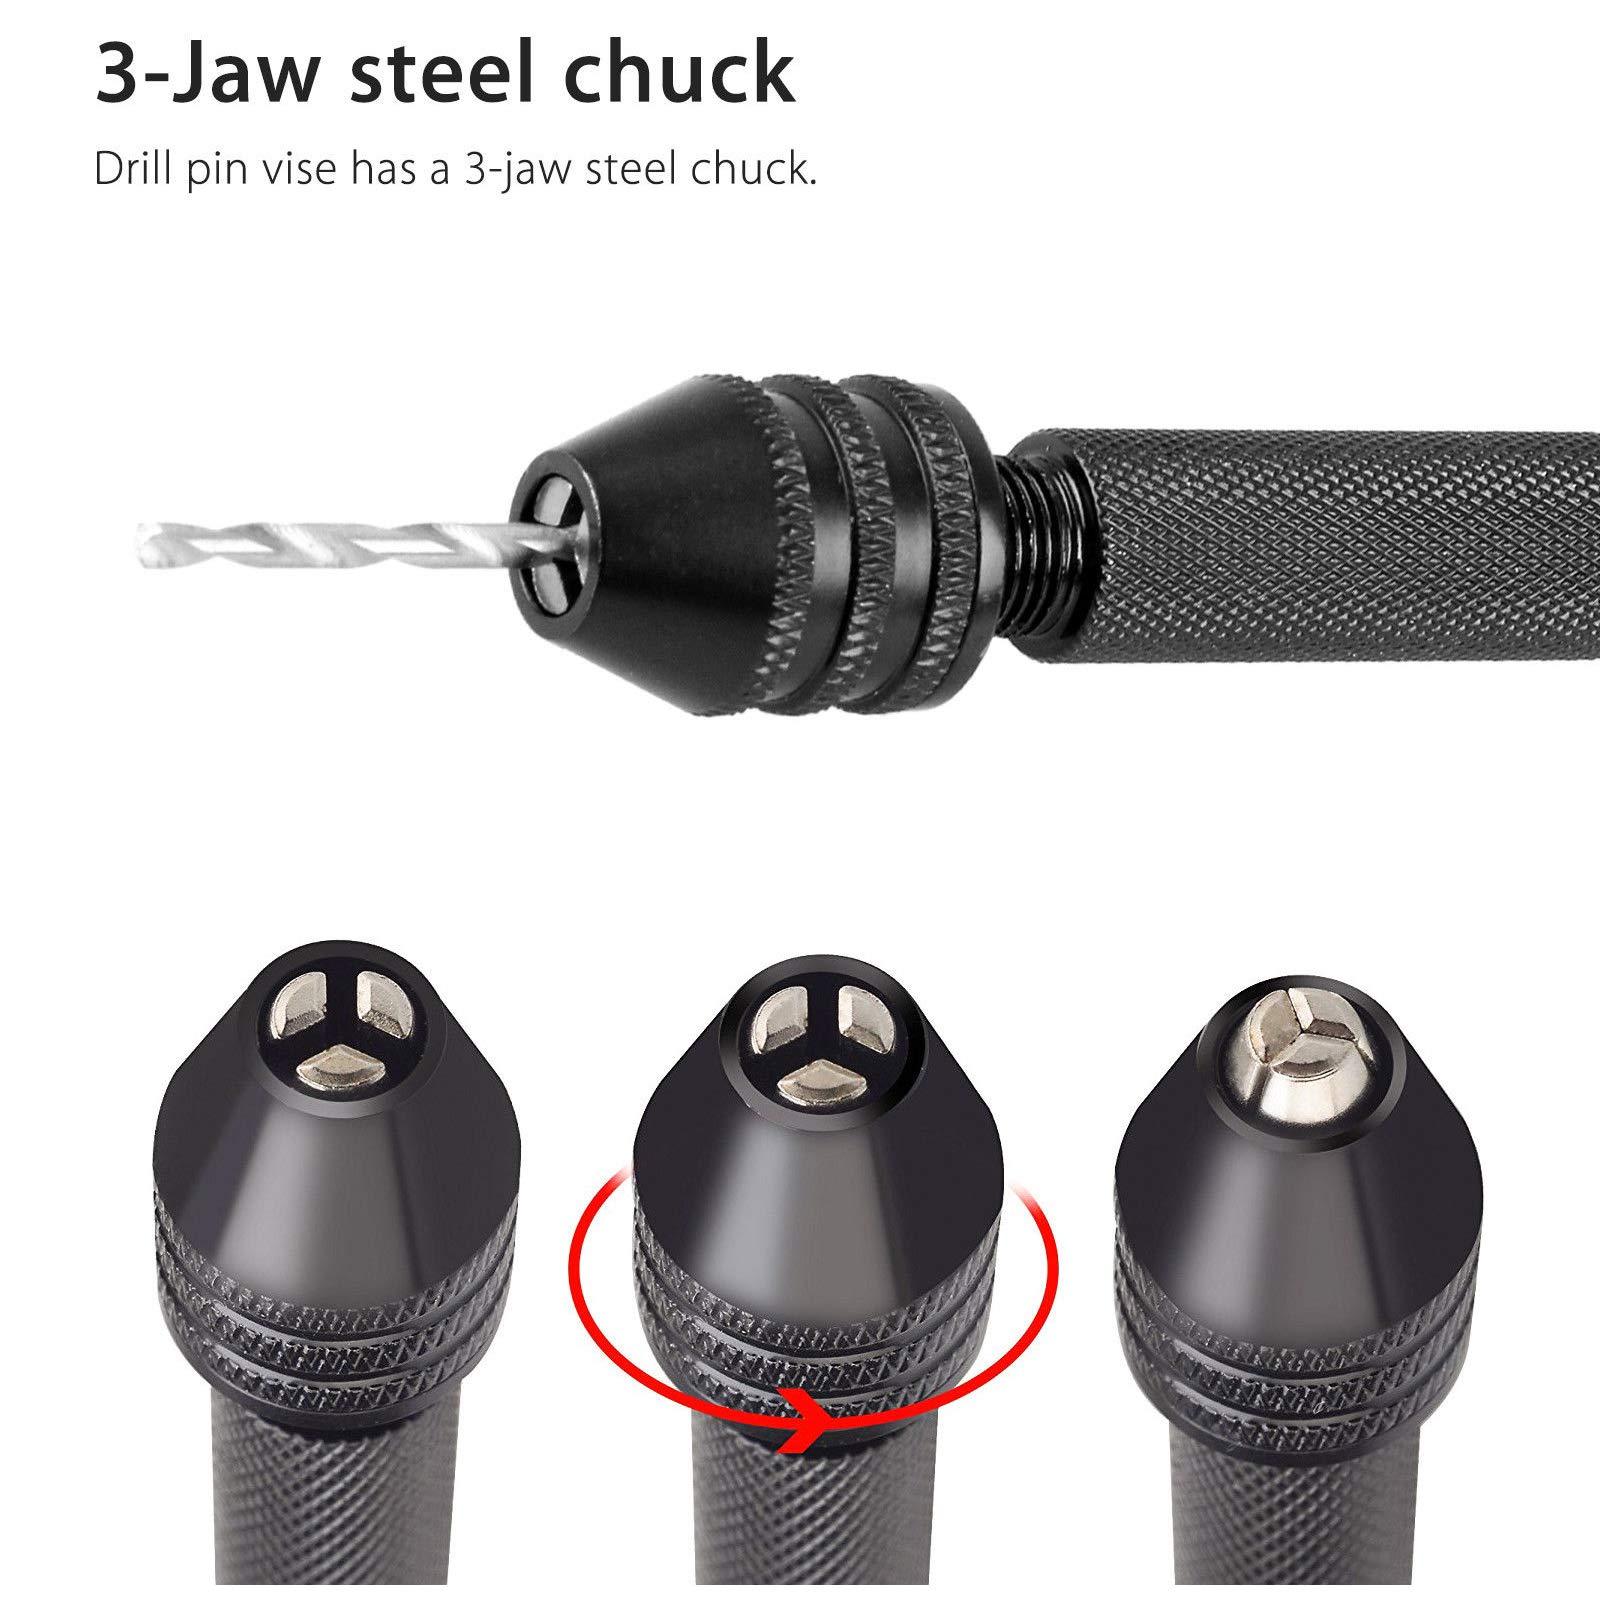 Pin Vise Hand Drill Bits(10PCS), Micro Mini Twist Drill Bits Set with Precision Hand Pin Vise Rotary Tools for Wood, Jewelry, Plastic etc (0.5-2.0mm)